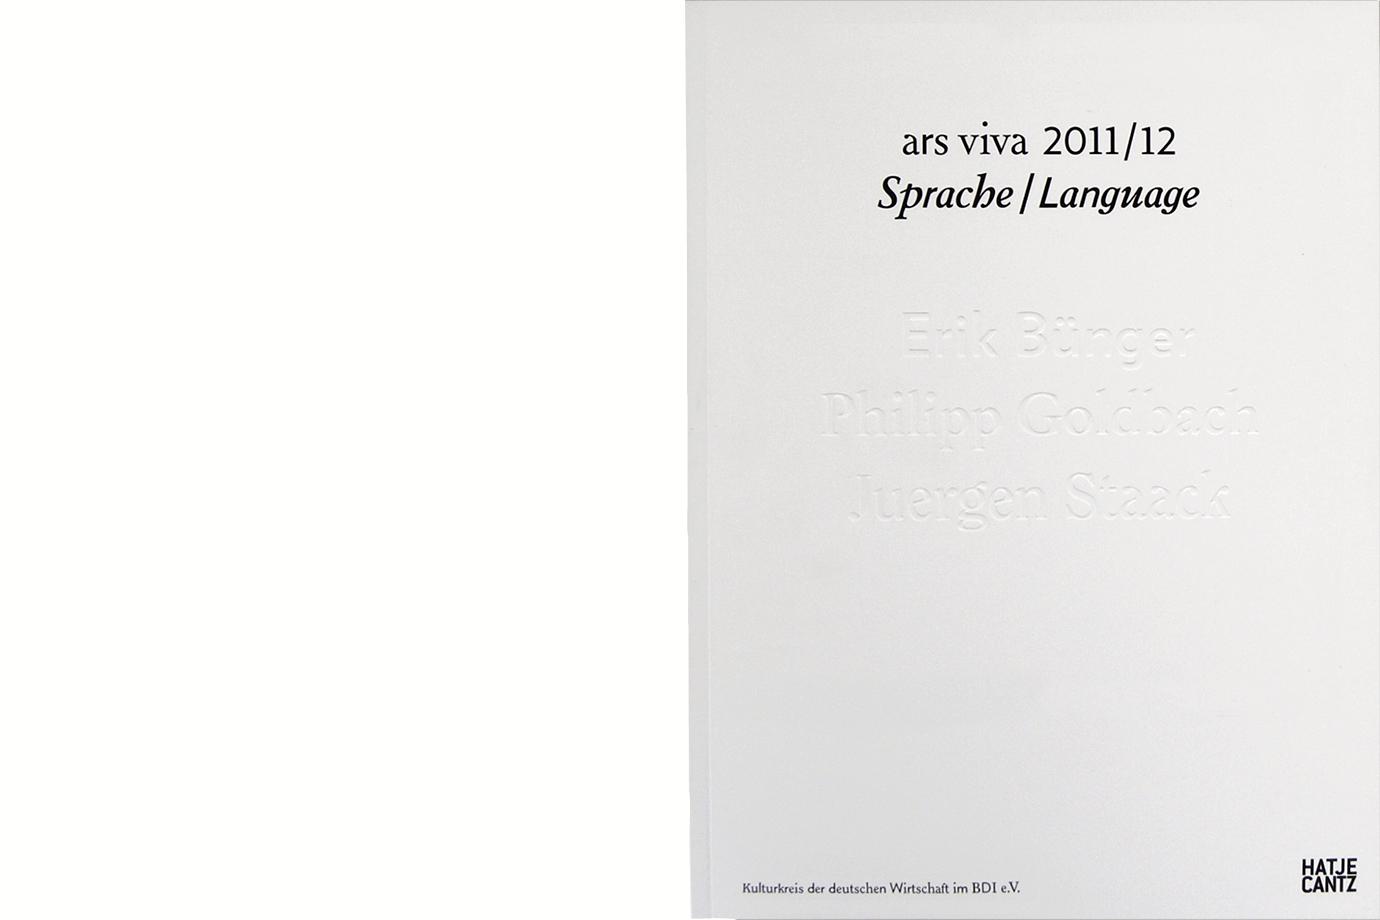 http://e-o-t.de/wordpress/wp-content/uploads/2017/07/eot-2011_Ars-Viva_Book_1.jpg